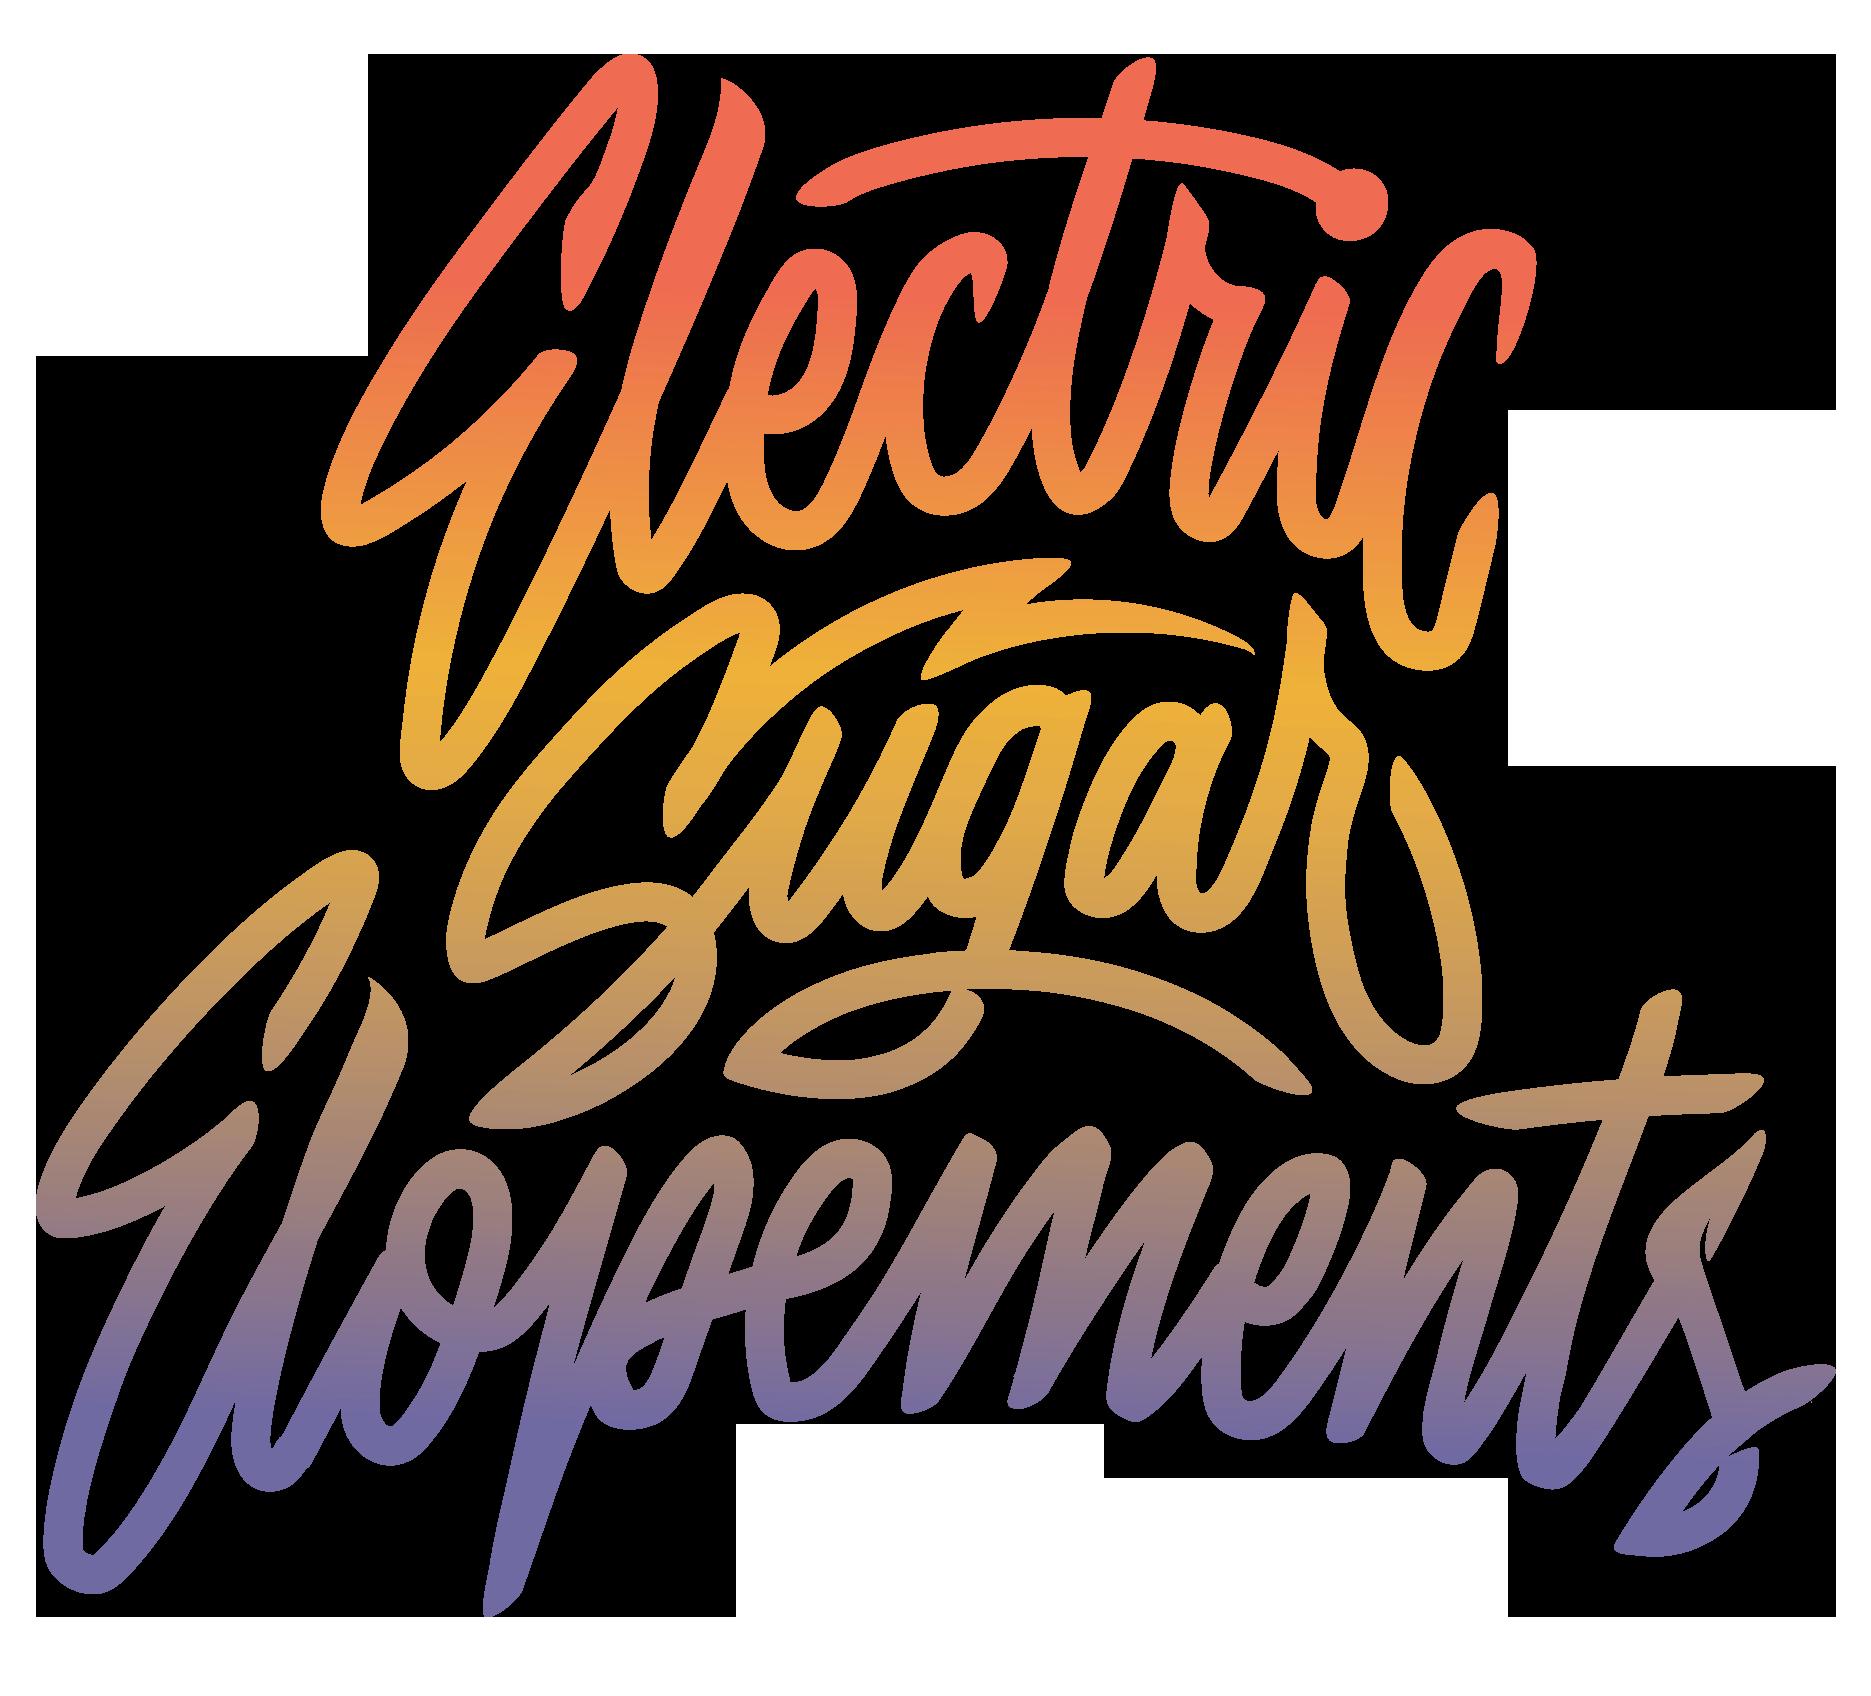 electricsugarelopements.com